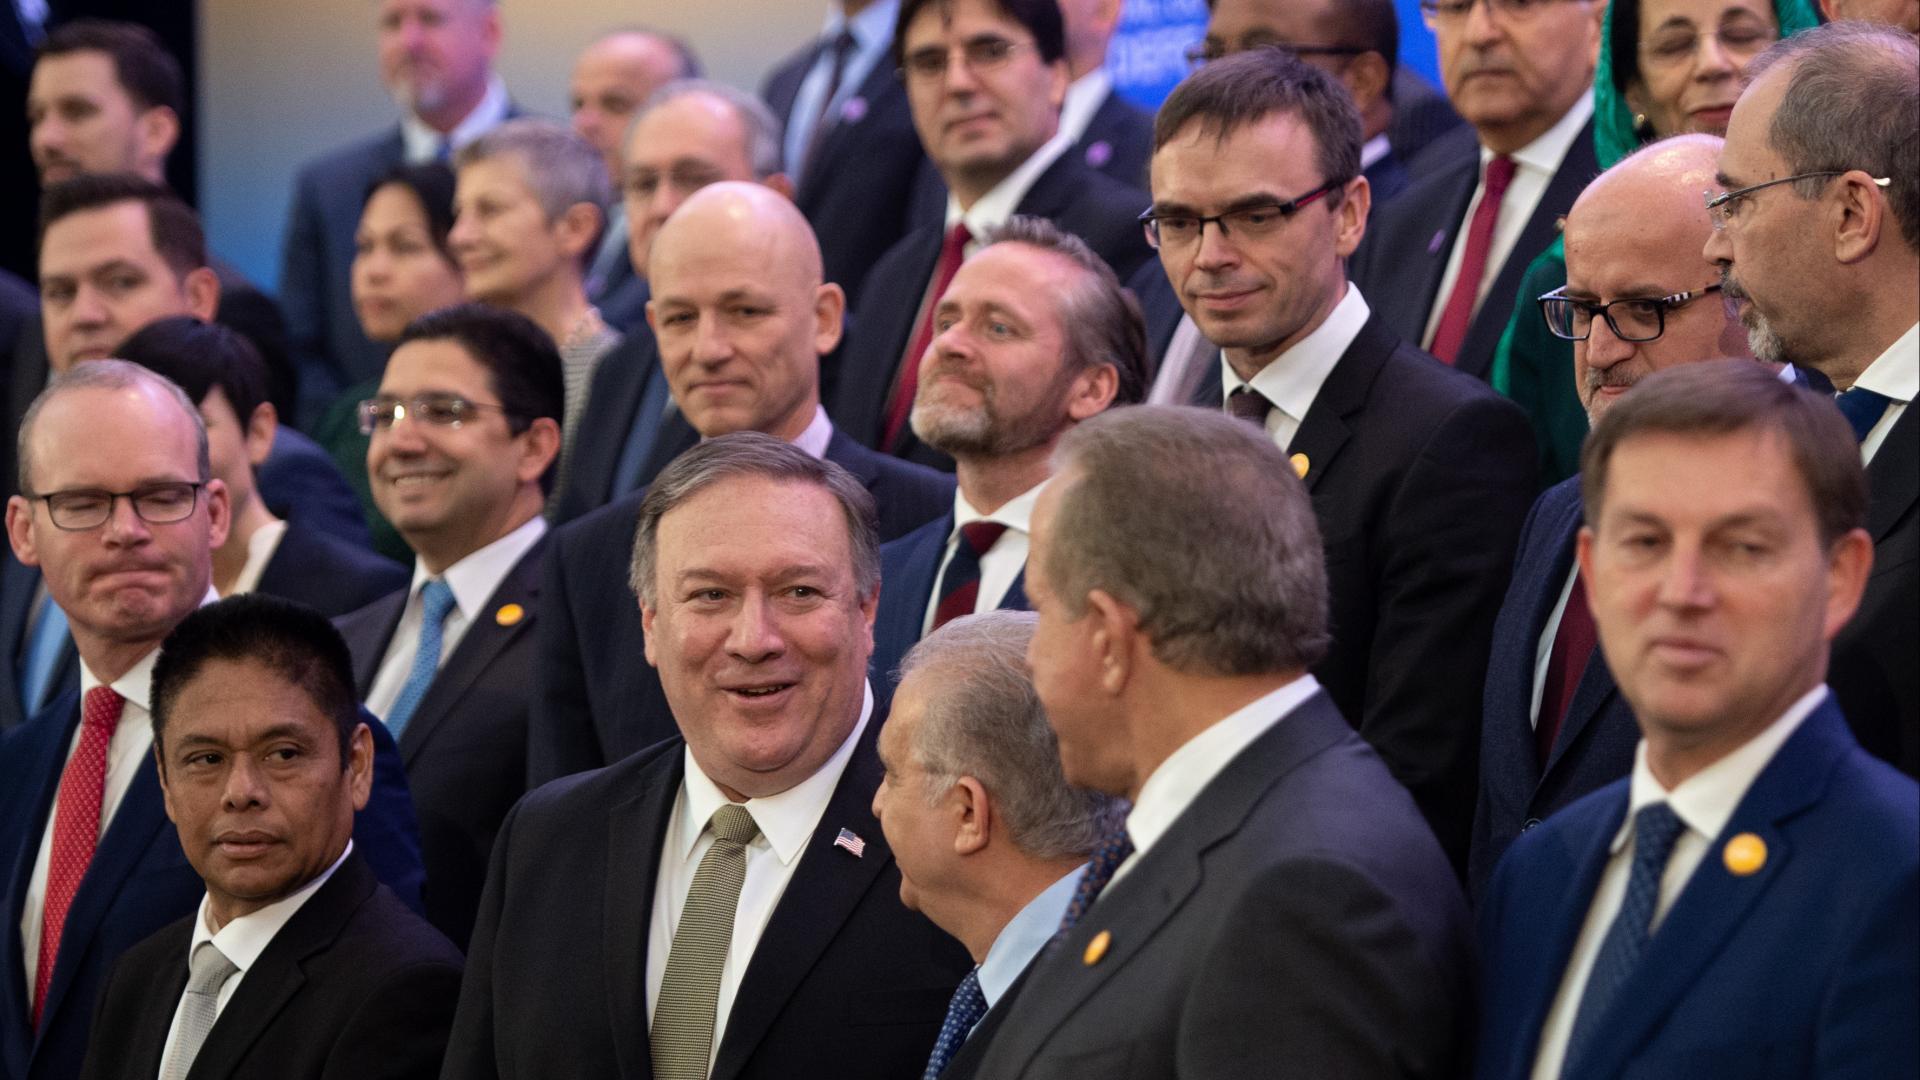 بيان مشترك حول سوريا لـ7 دول من ضمنها أمريكا والسعودية ومصر